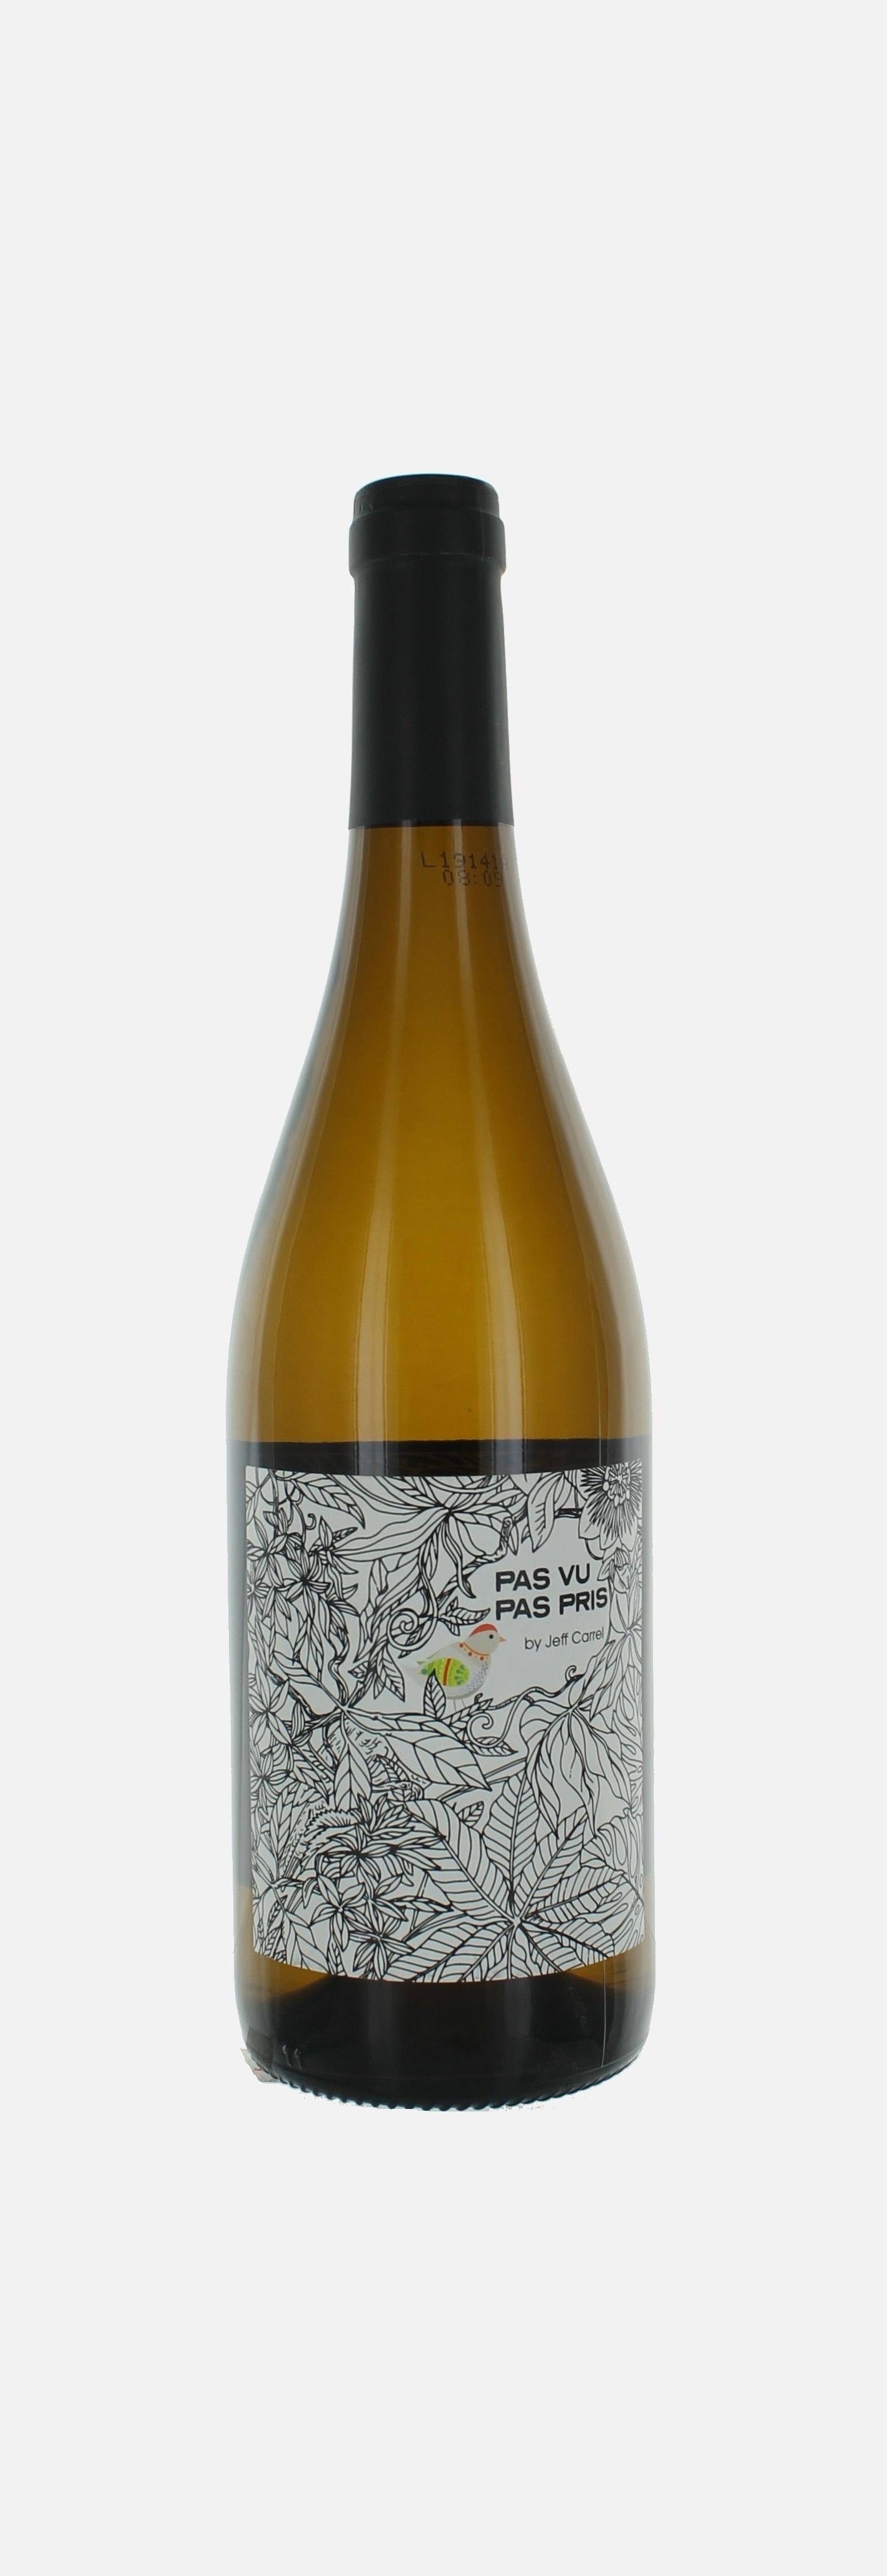 Pas vu Pas pris, Vin de France, Jeff Carrel